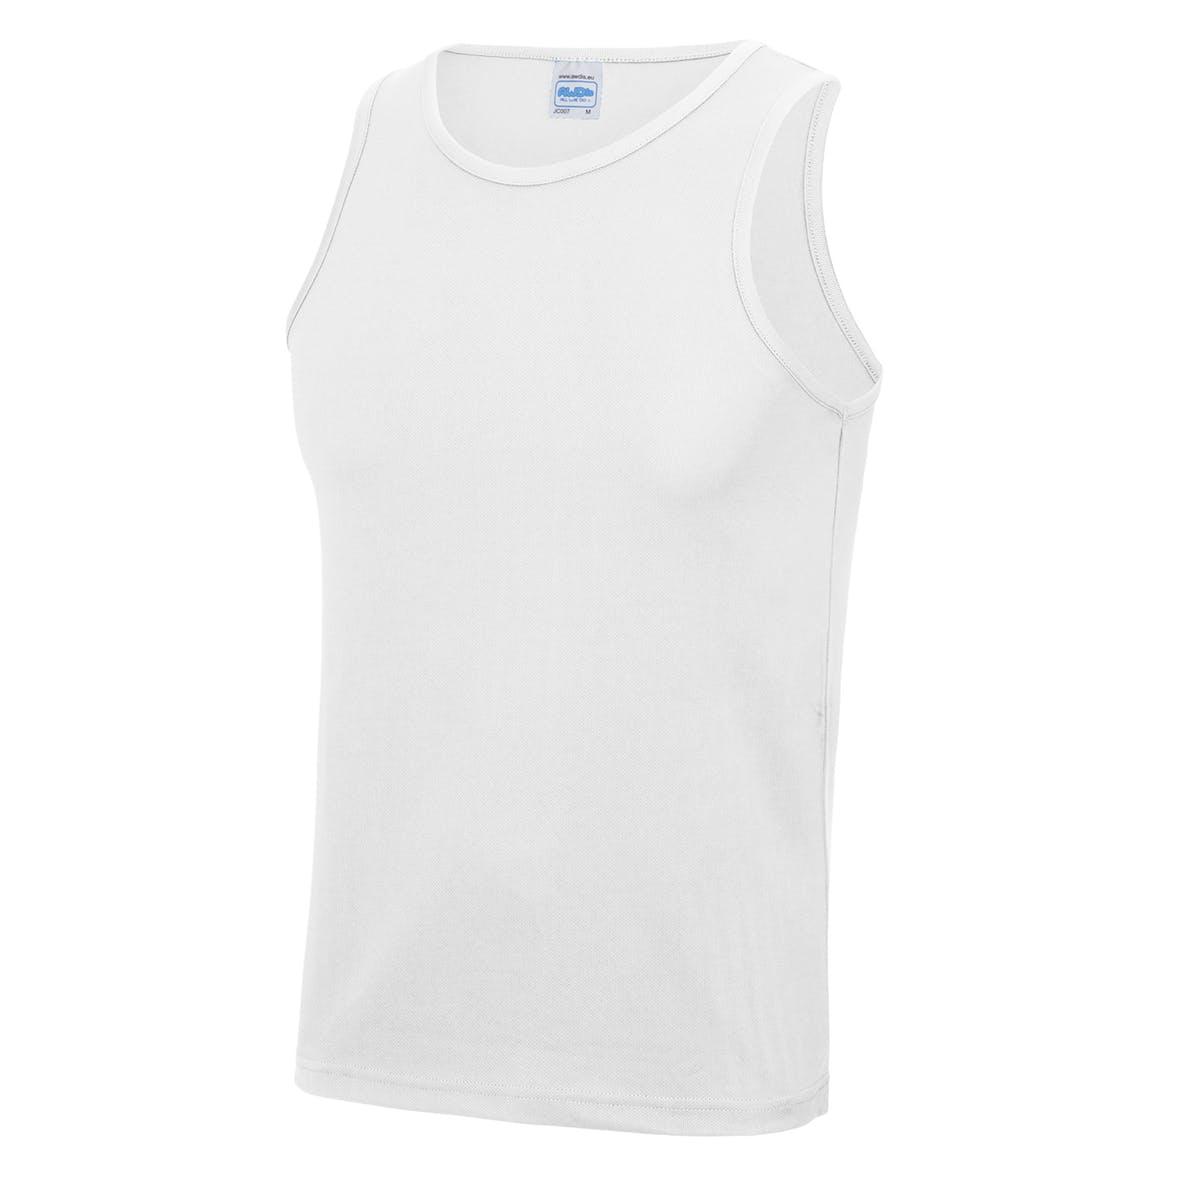 white sports vest